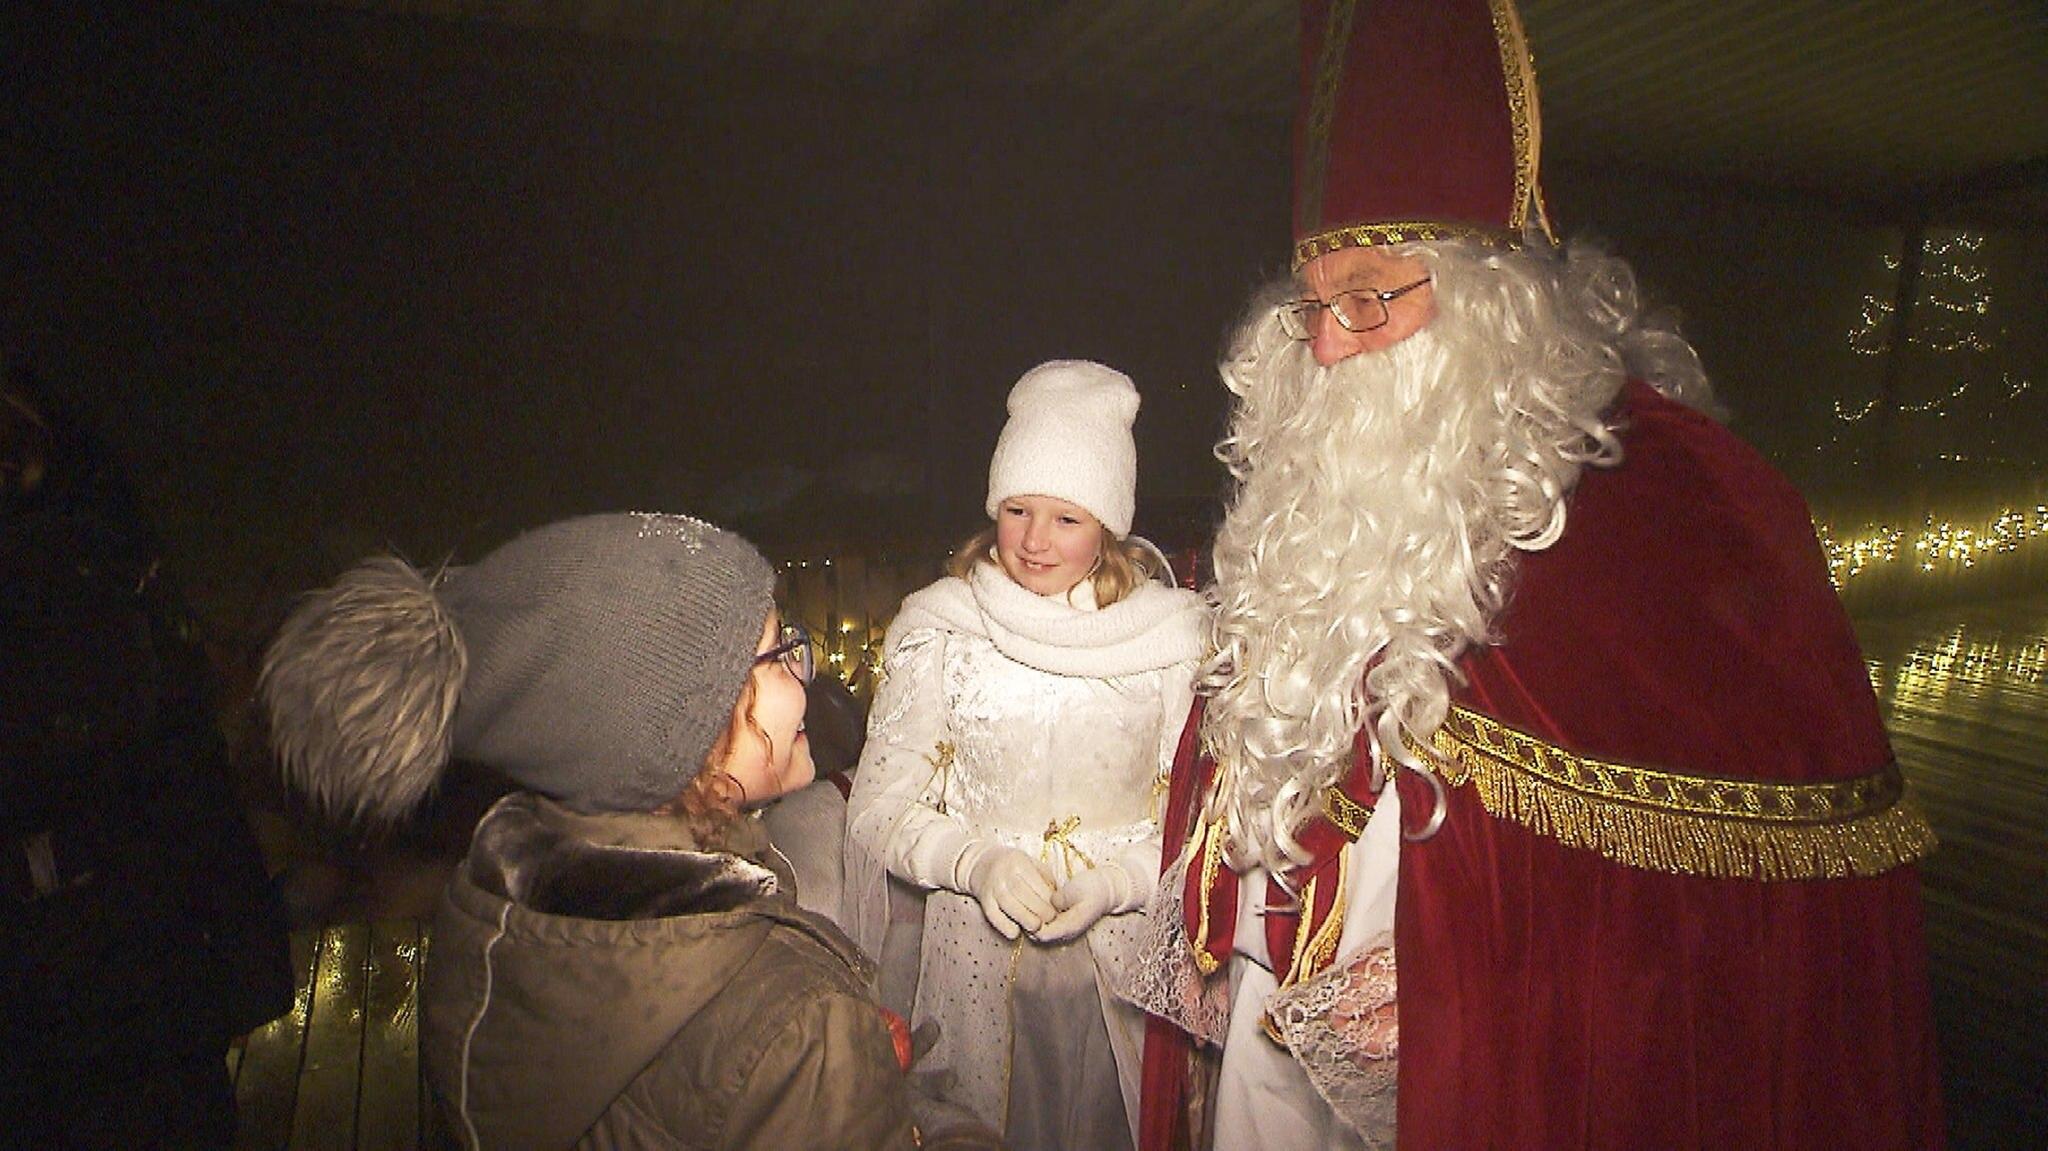 Katharina und der Weihnachtsmann